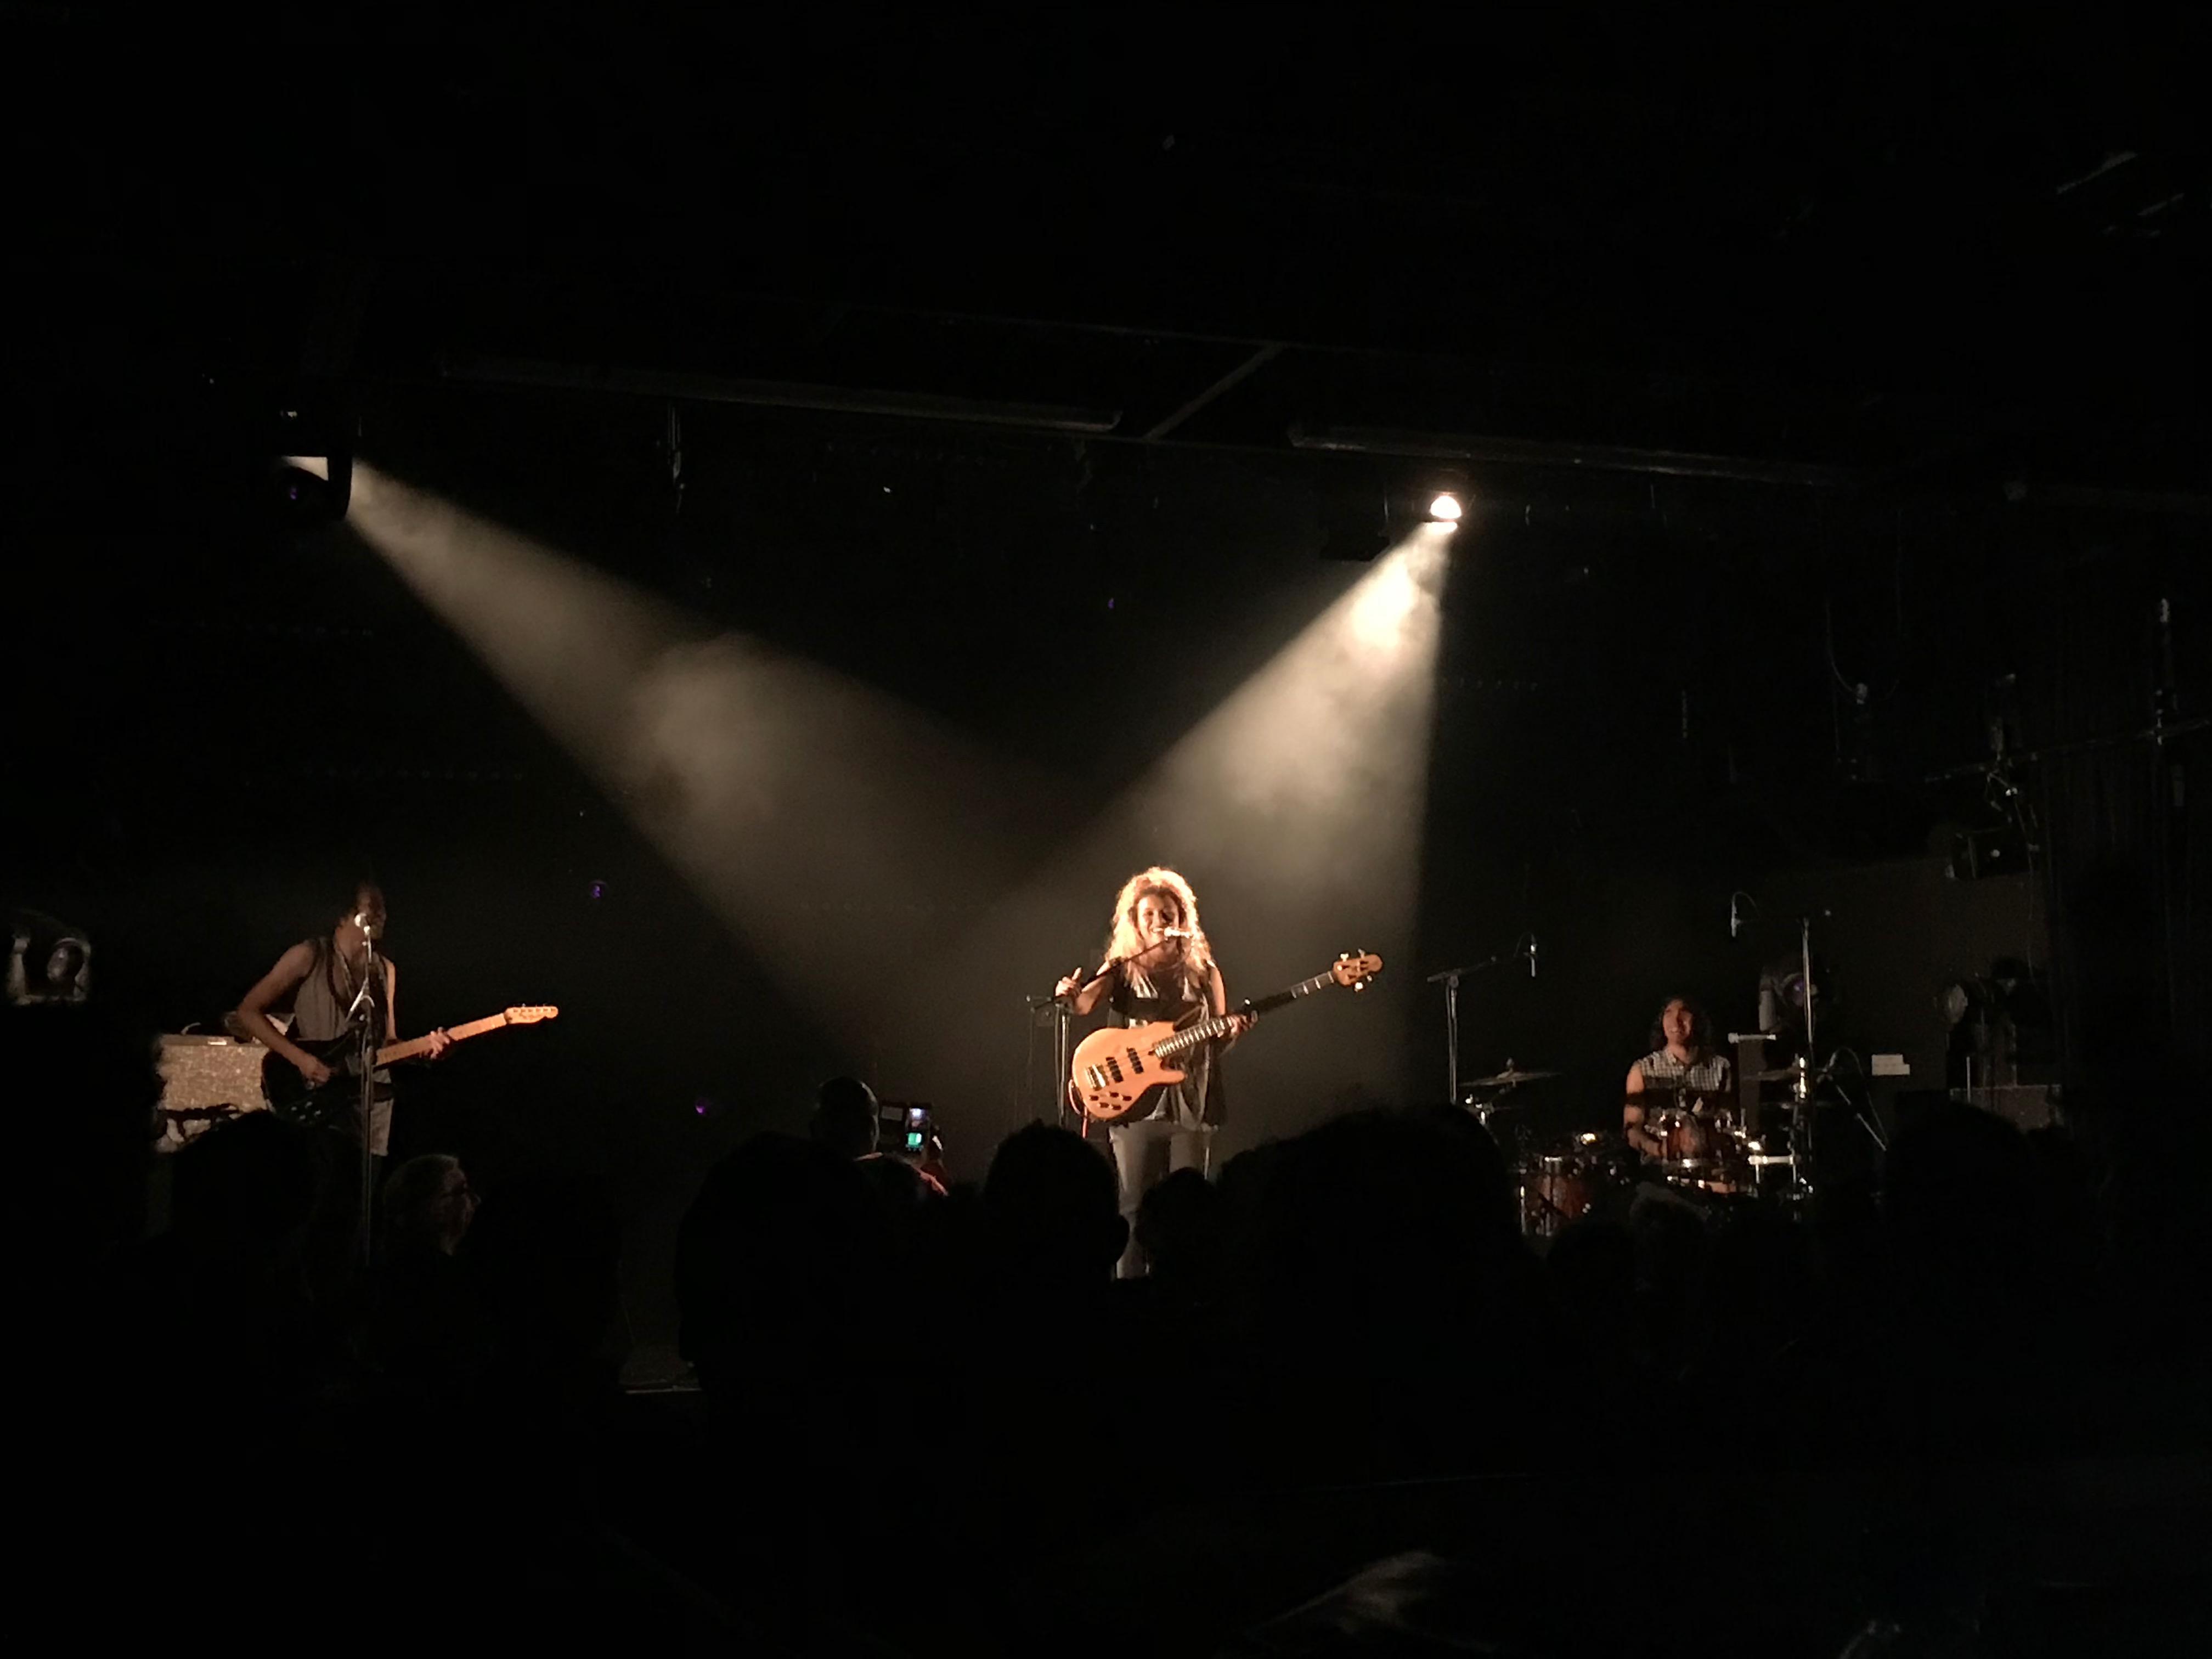 Kristel sur la scène du Fgo-barbara, entourée de son mari Sylvano à la batterie et de son frère Ben à la guitare, mercredi 20 mars 2019. © saint_xsl1